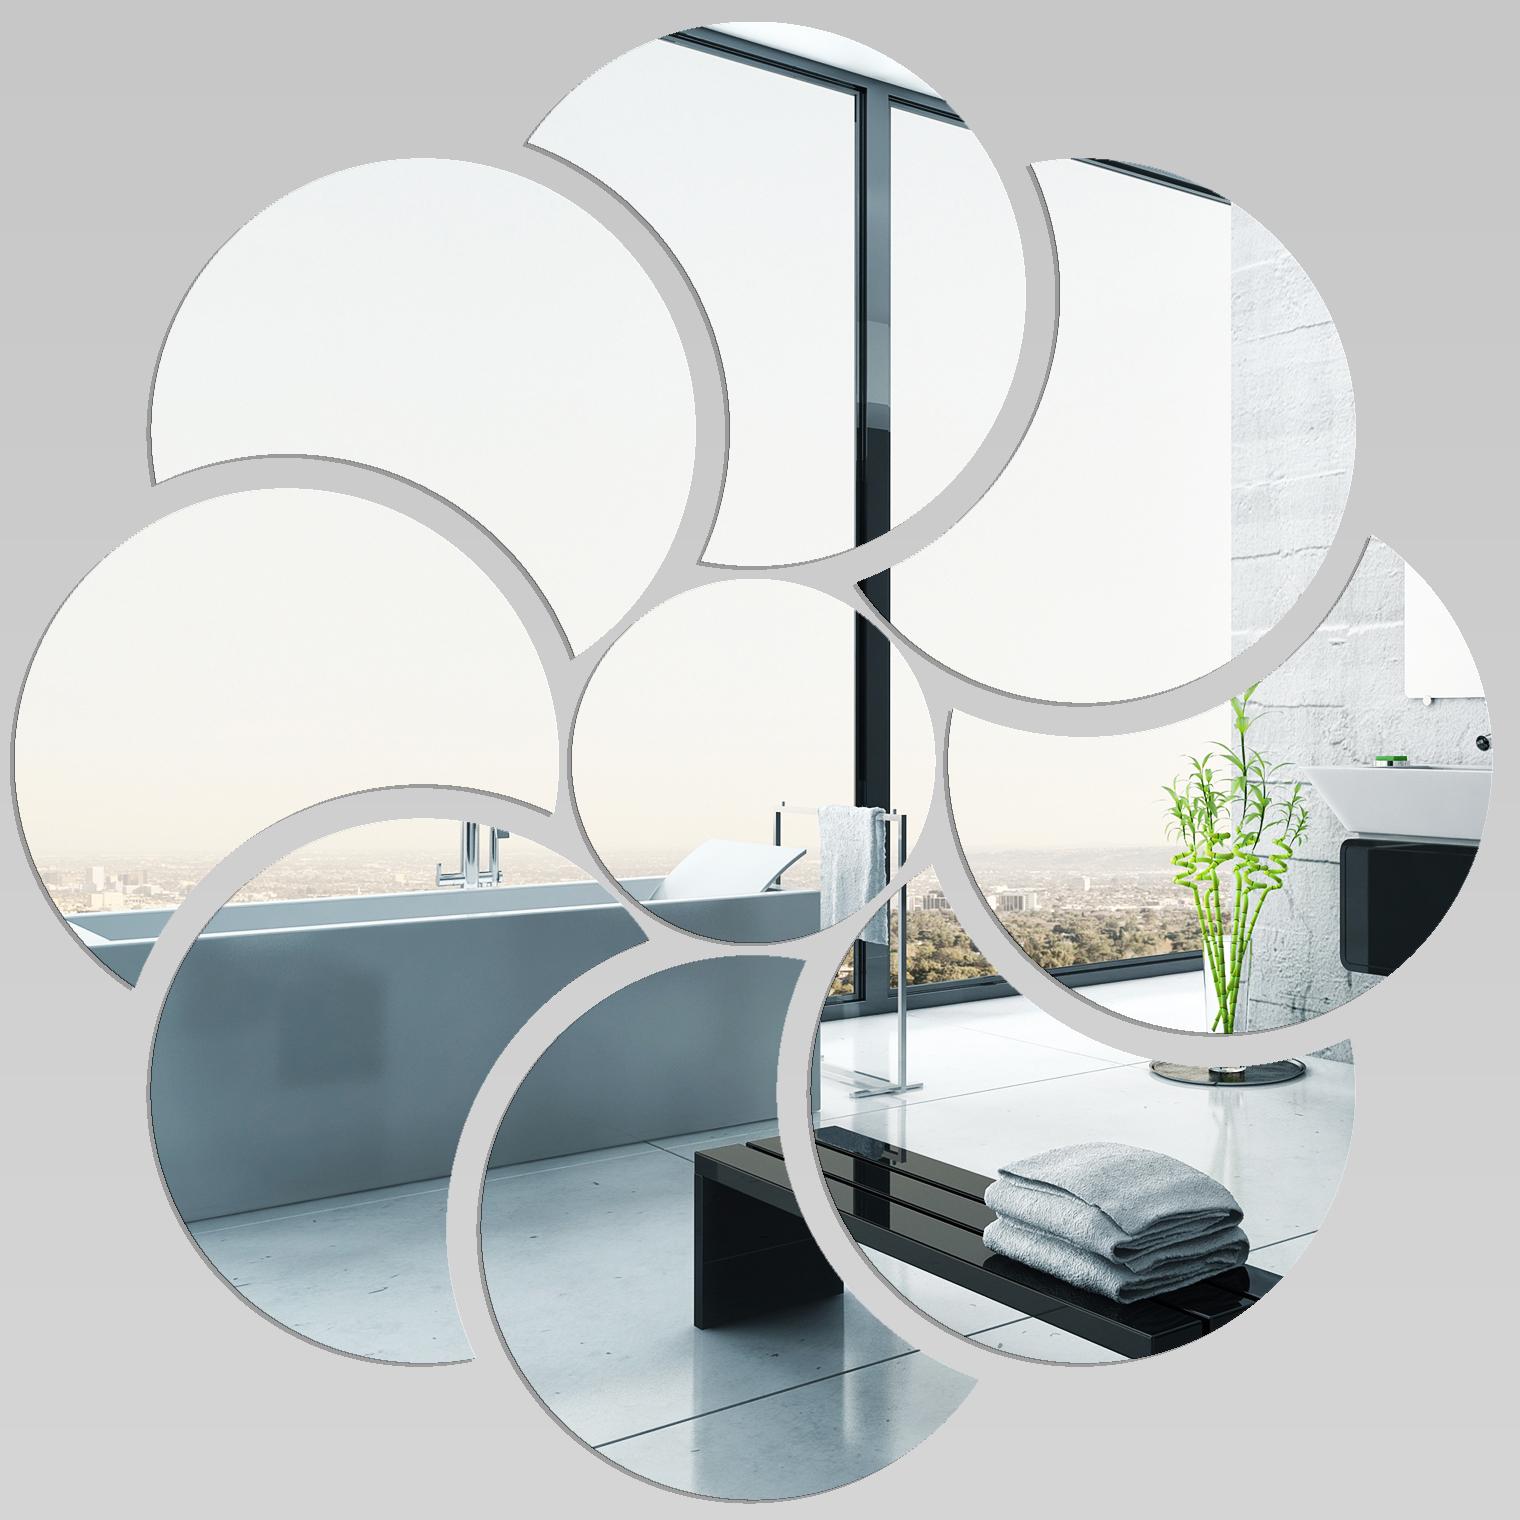 Miroir plexiglass acrylique fleur 5 pas cher for Miroir 100x100